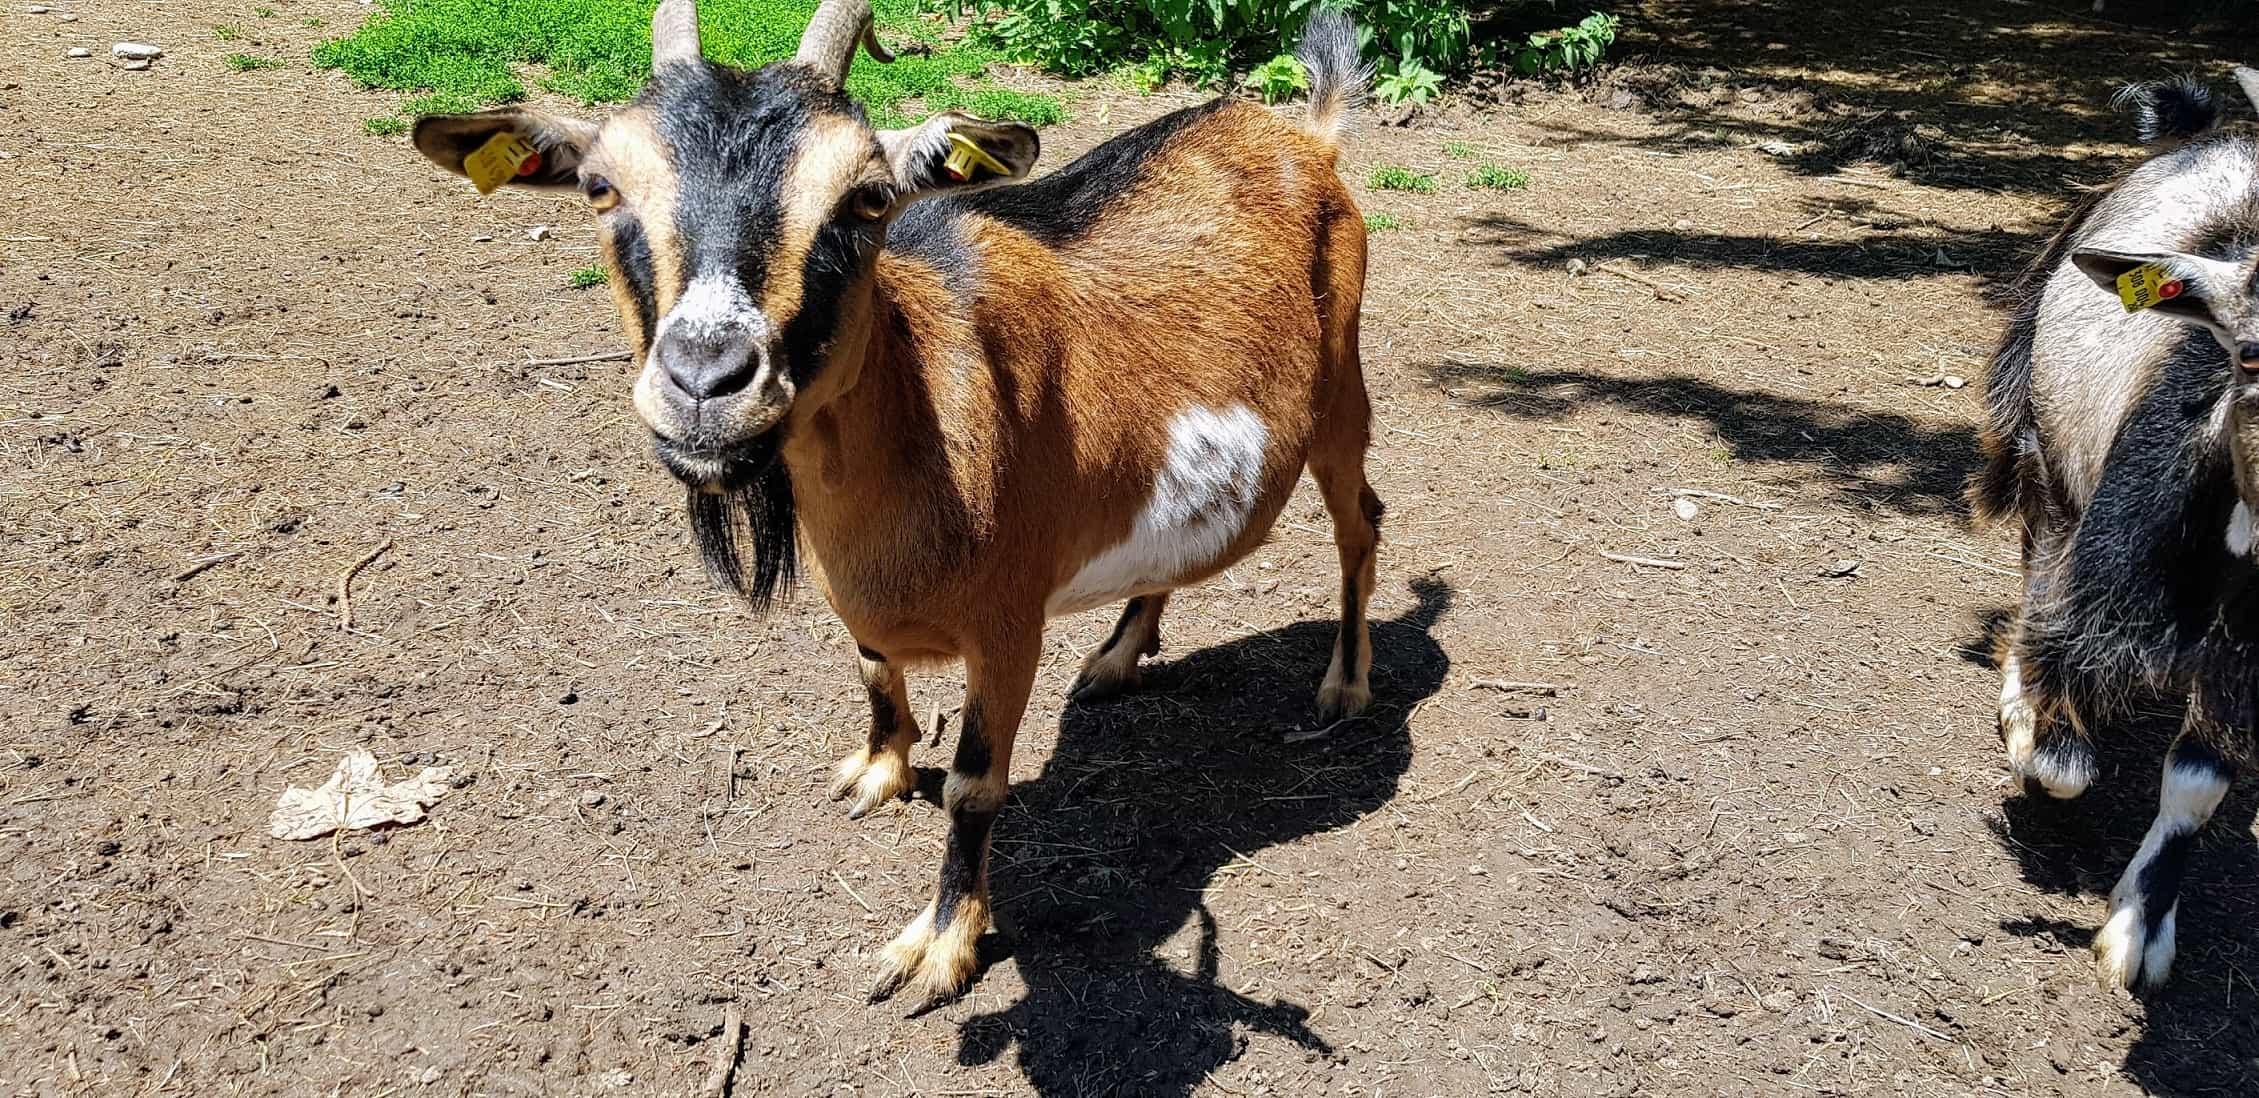 Ausflug Tierpark Rosegg Ziege familienfreundlicher Streichelzoo